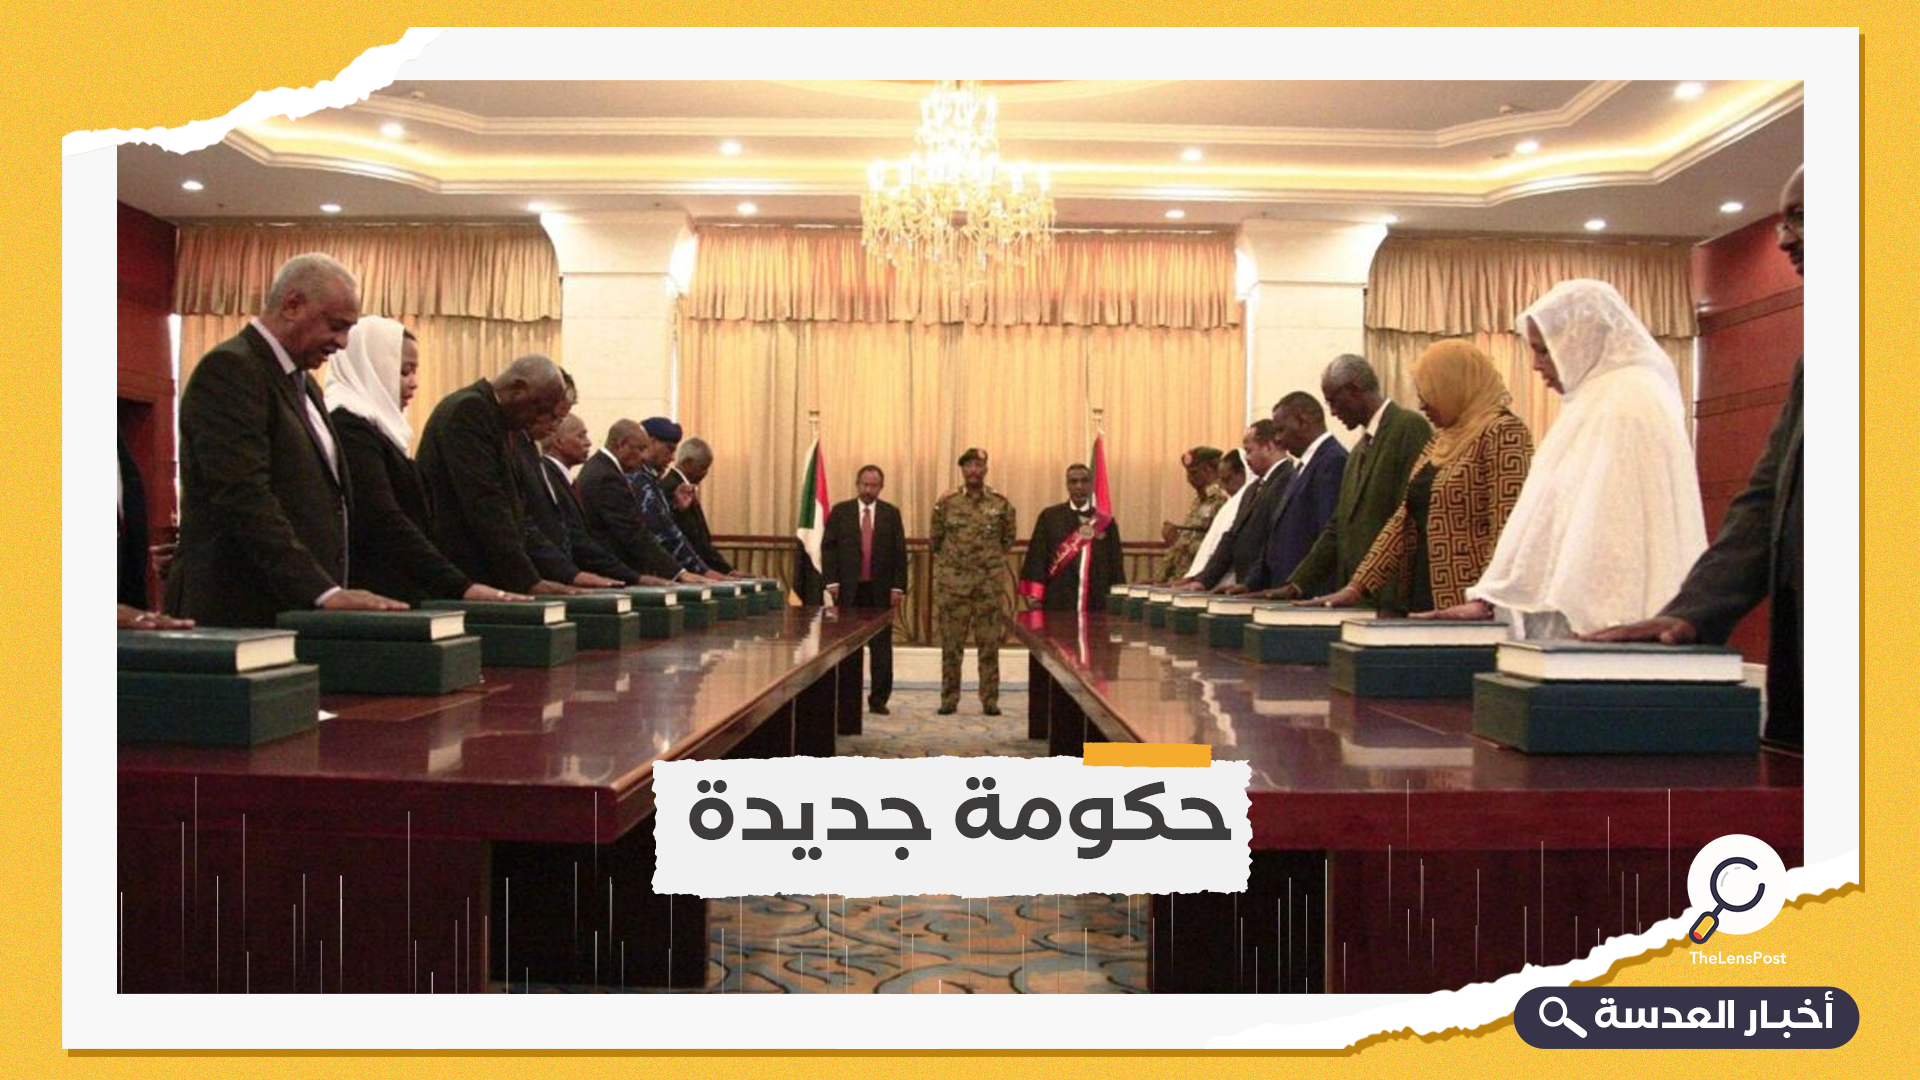 الإعلان عن تشكيل الحكومة السودانية الجديدة